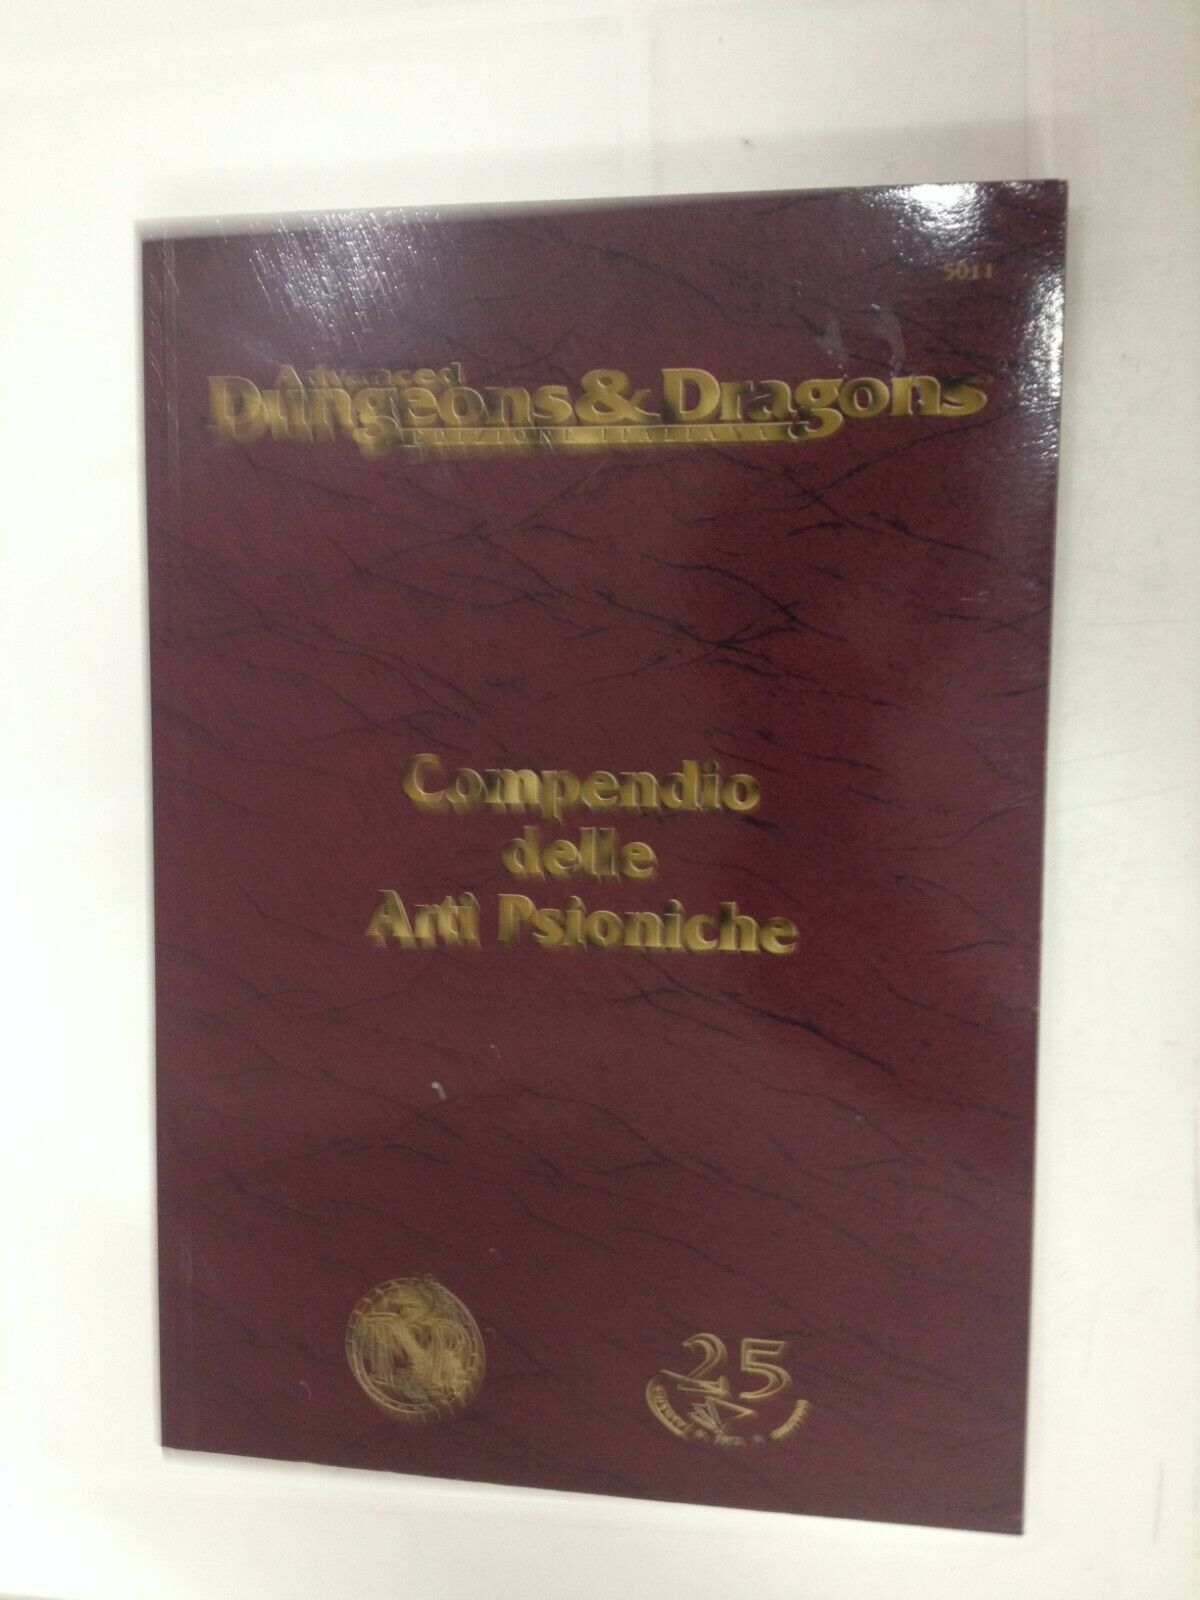 COMPENDIO DELLE ARTI PSIONICHE  - ADVANCED DUNGEONS & DRAGONS - EDIZIONE ITALIANA  offerta speciale